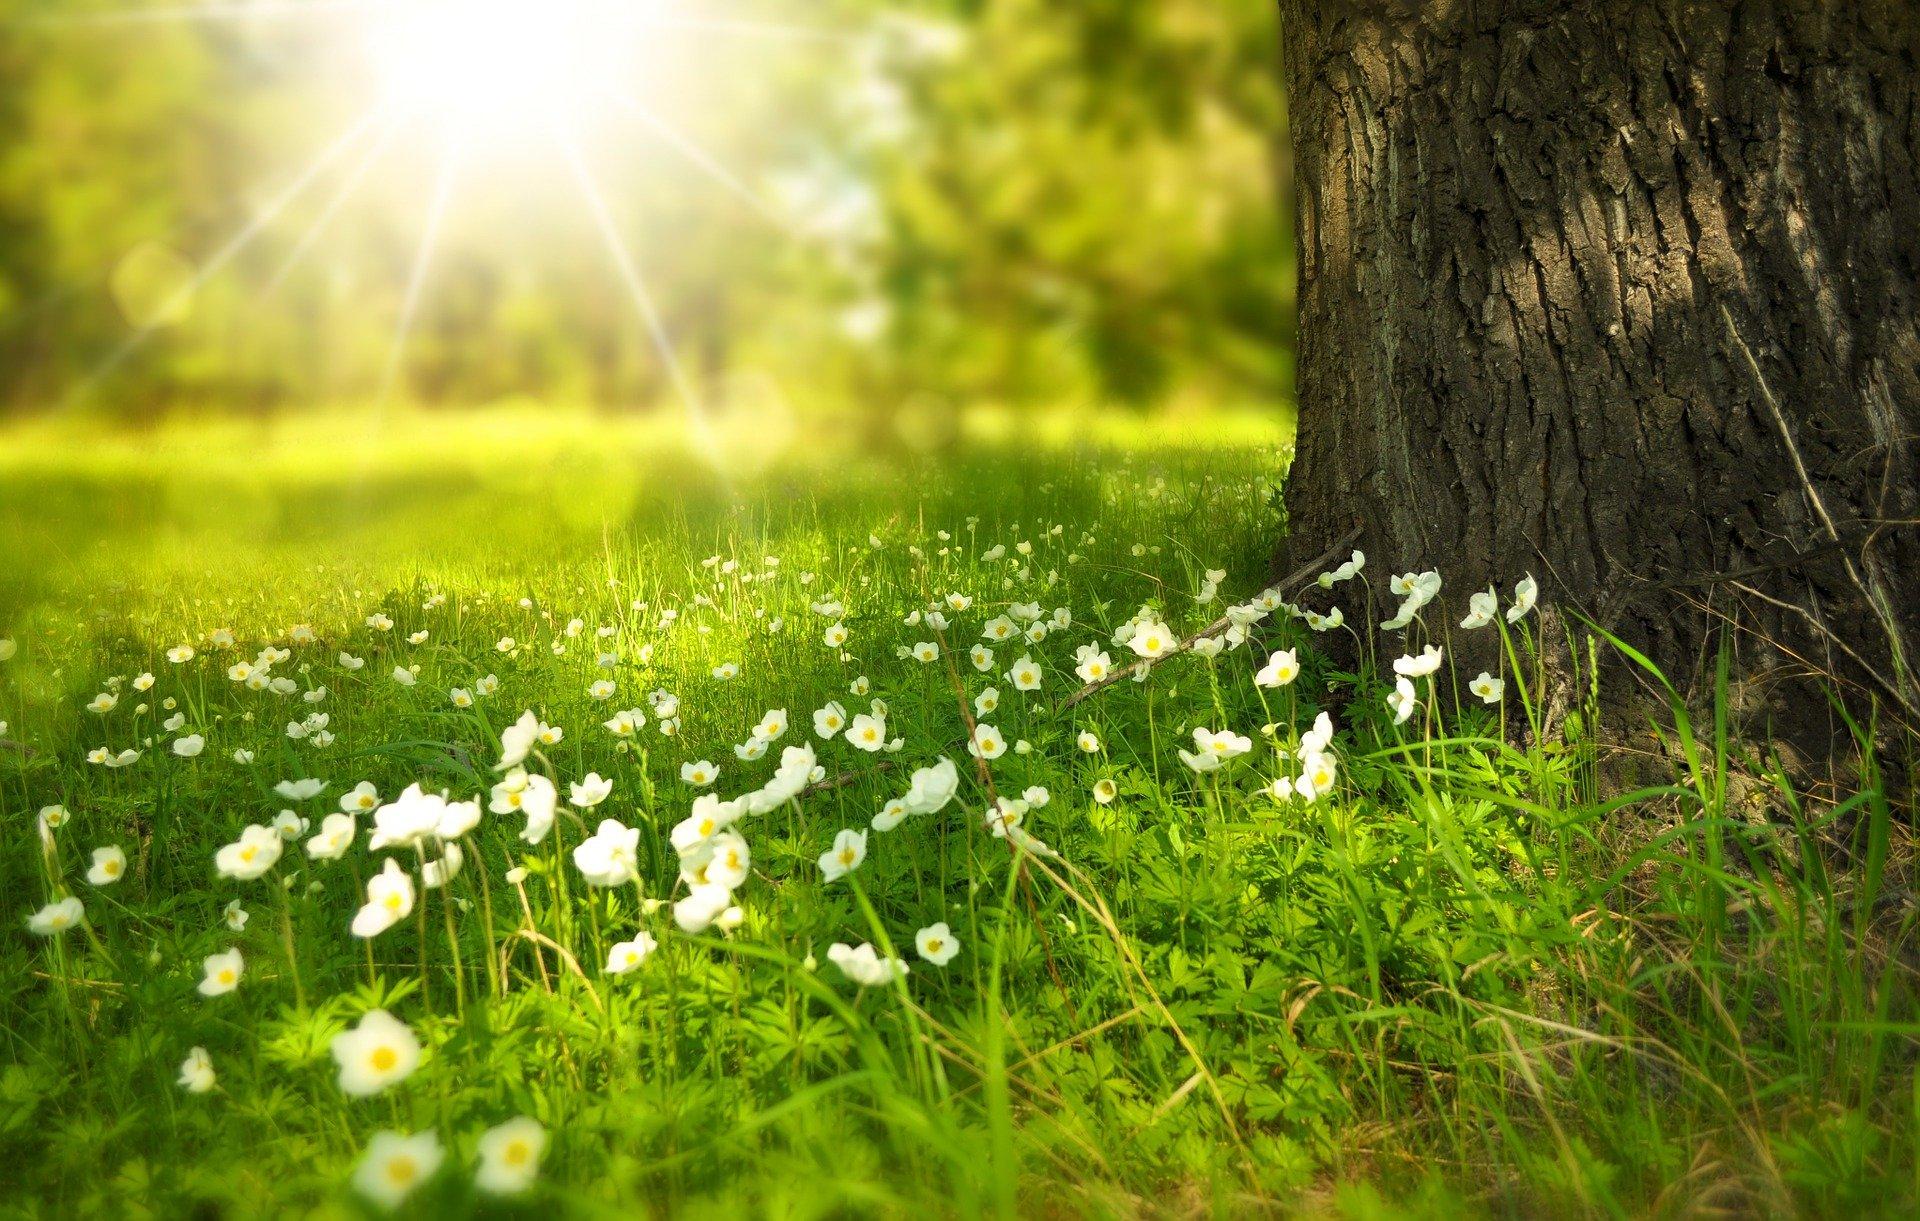 揚升的靈魂,能發送更多的喜悅和幸福的高頻給周遭和世界!